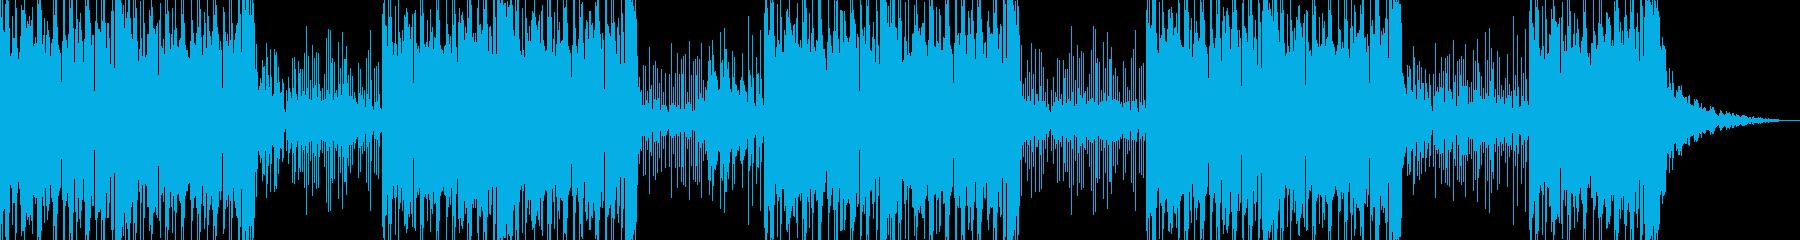 イントロなしの再生済みの波形